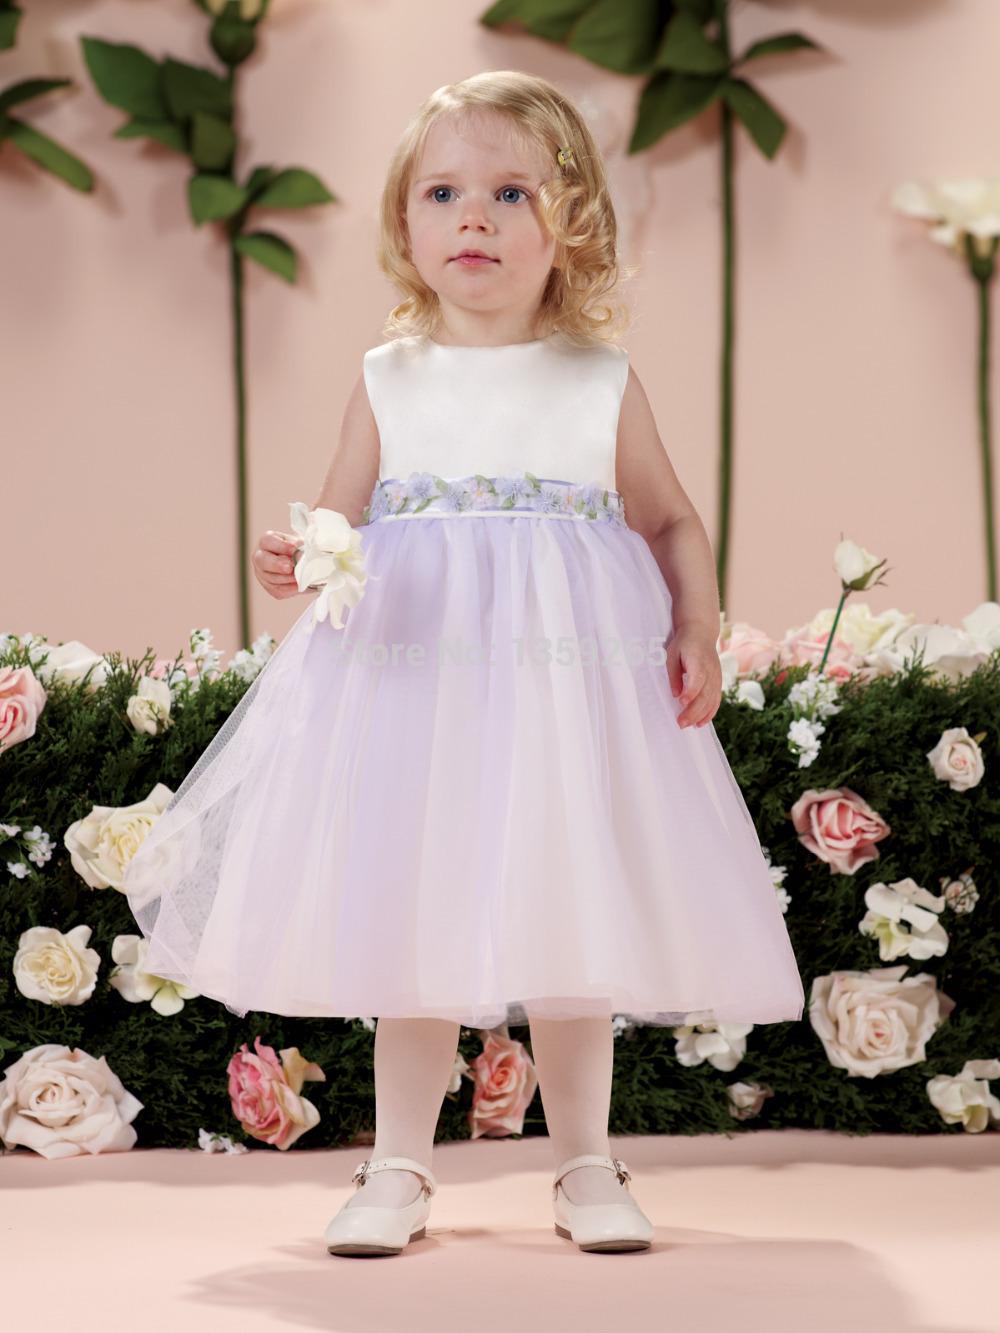 Cheap Toddler Flower Girl Dresses - White Pants 2016